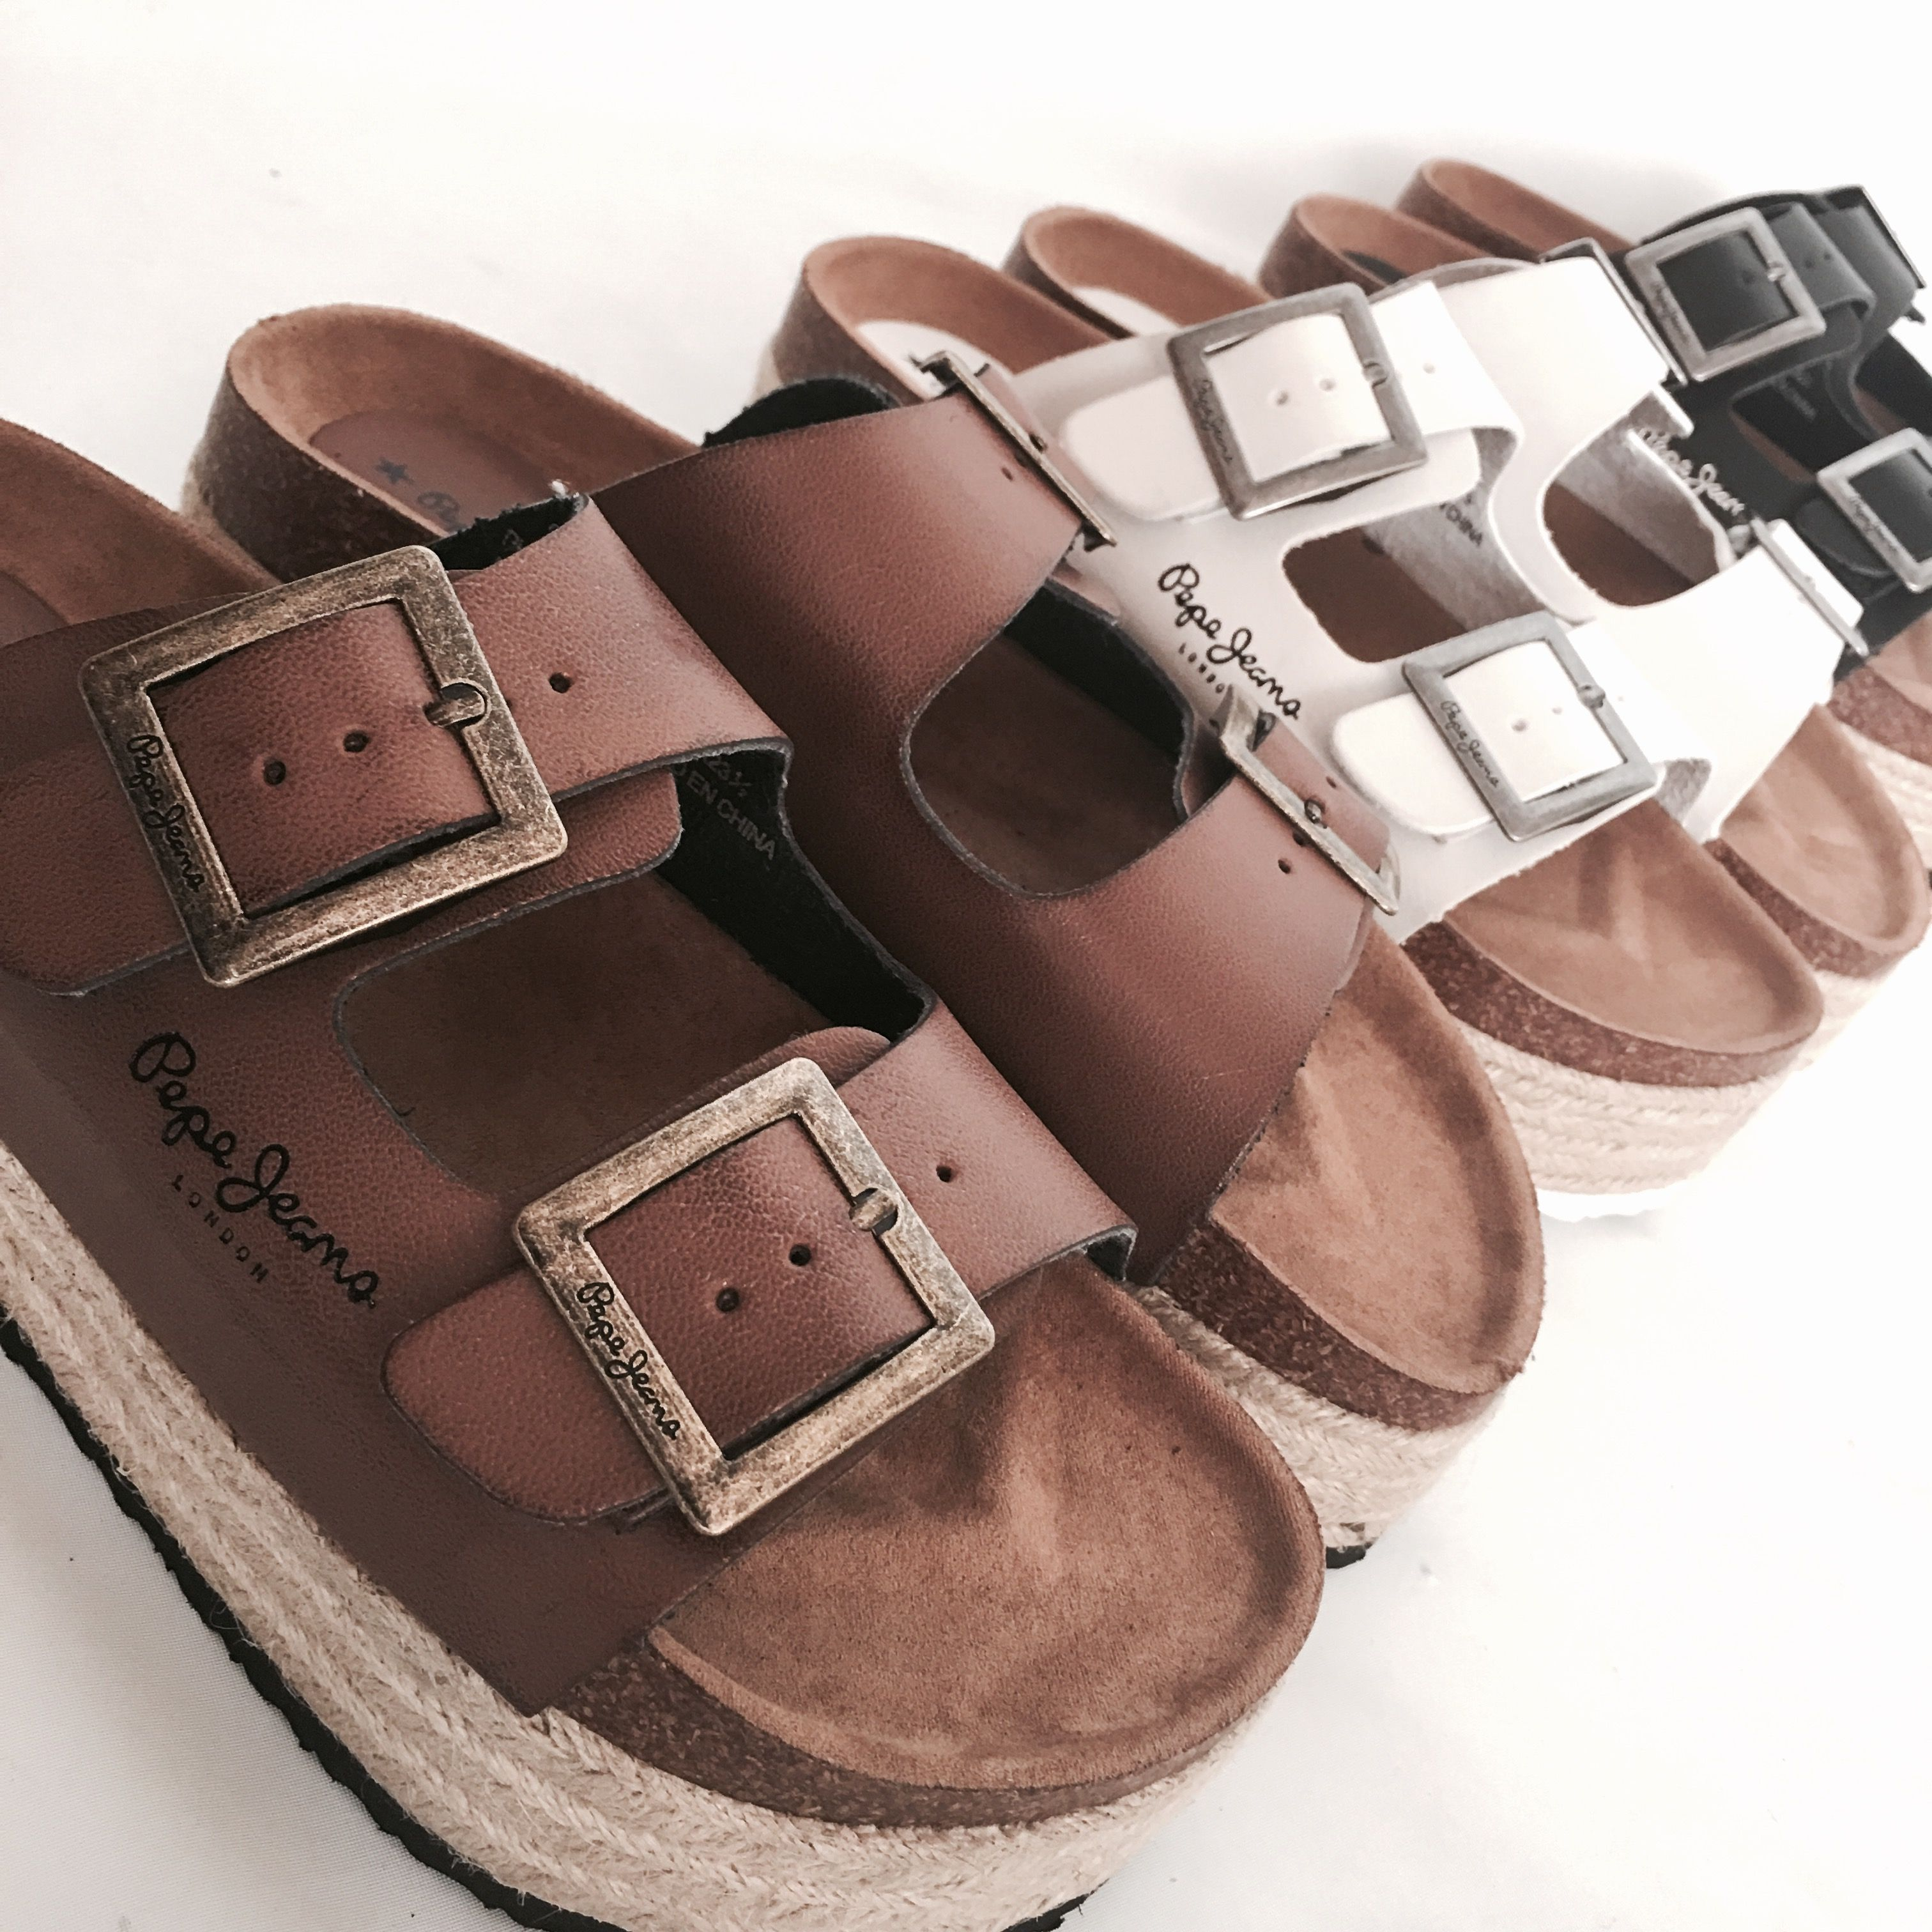 8eb1eff7cf Completa tus looks con las últimas   sandalias de moda Pepe Jeans London.  ¡Feliz miércoles!